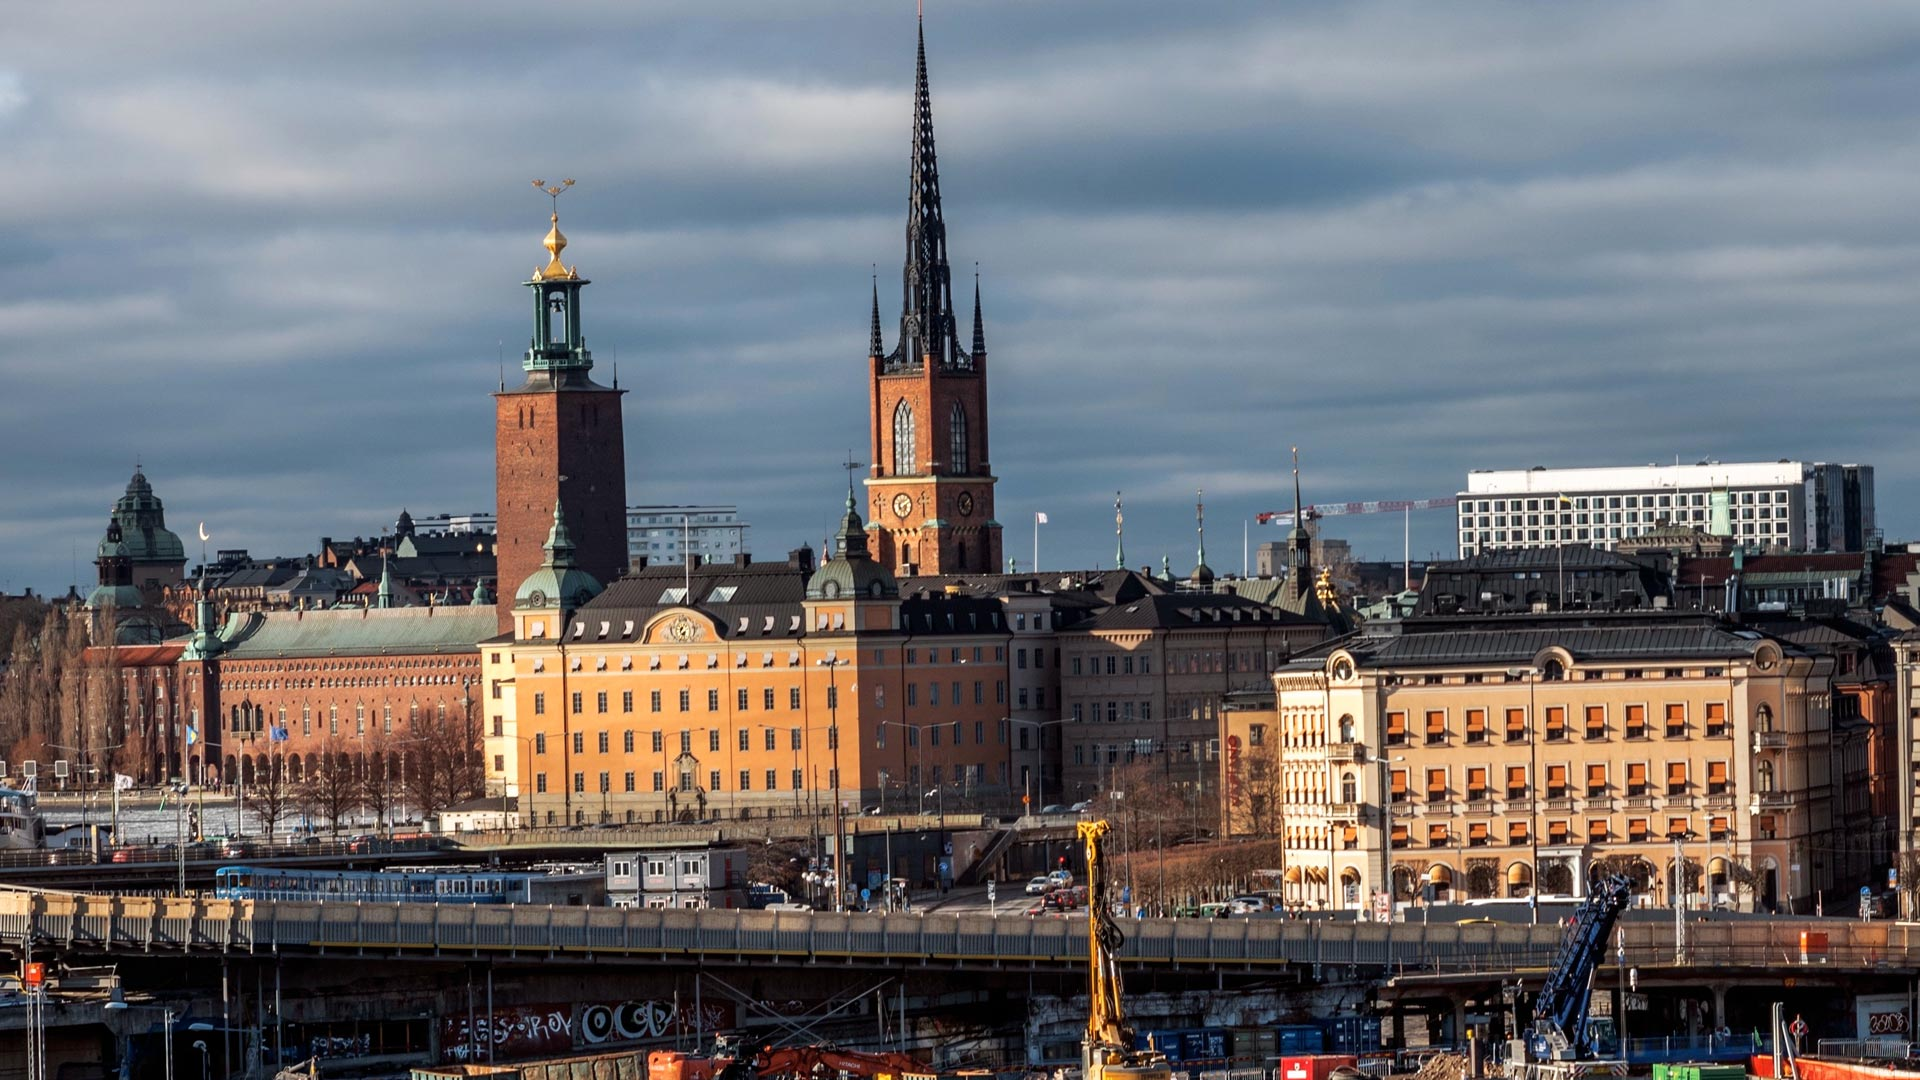 Ceny w Szwecji, ceny w Malmo i Sztokholmie. Benzyna, restauracje, zakupy 2020